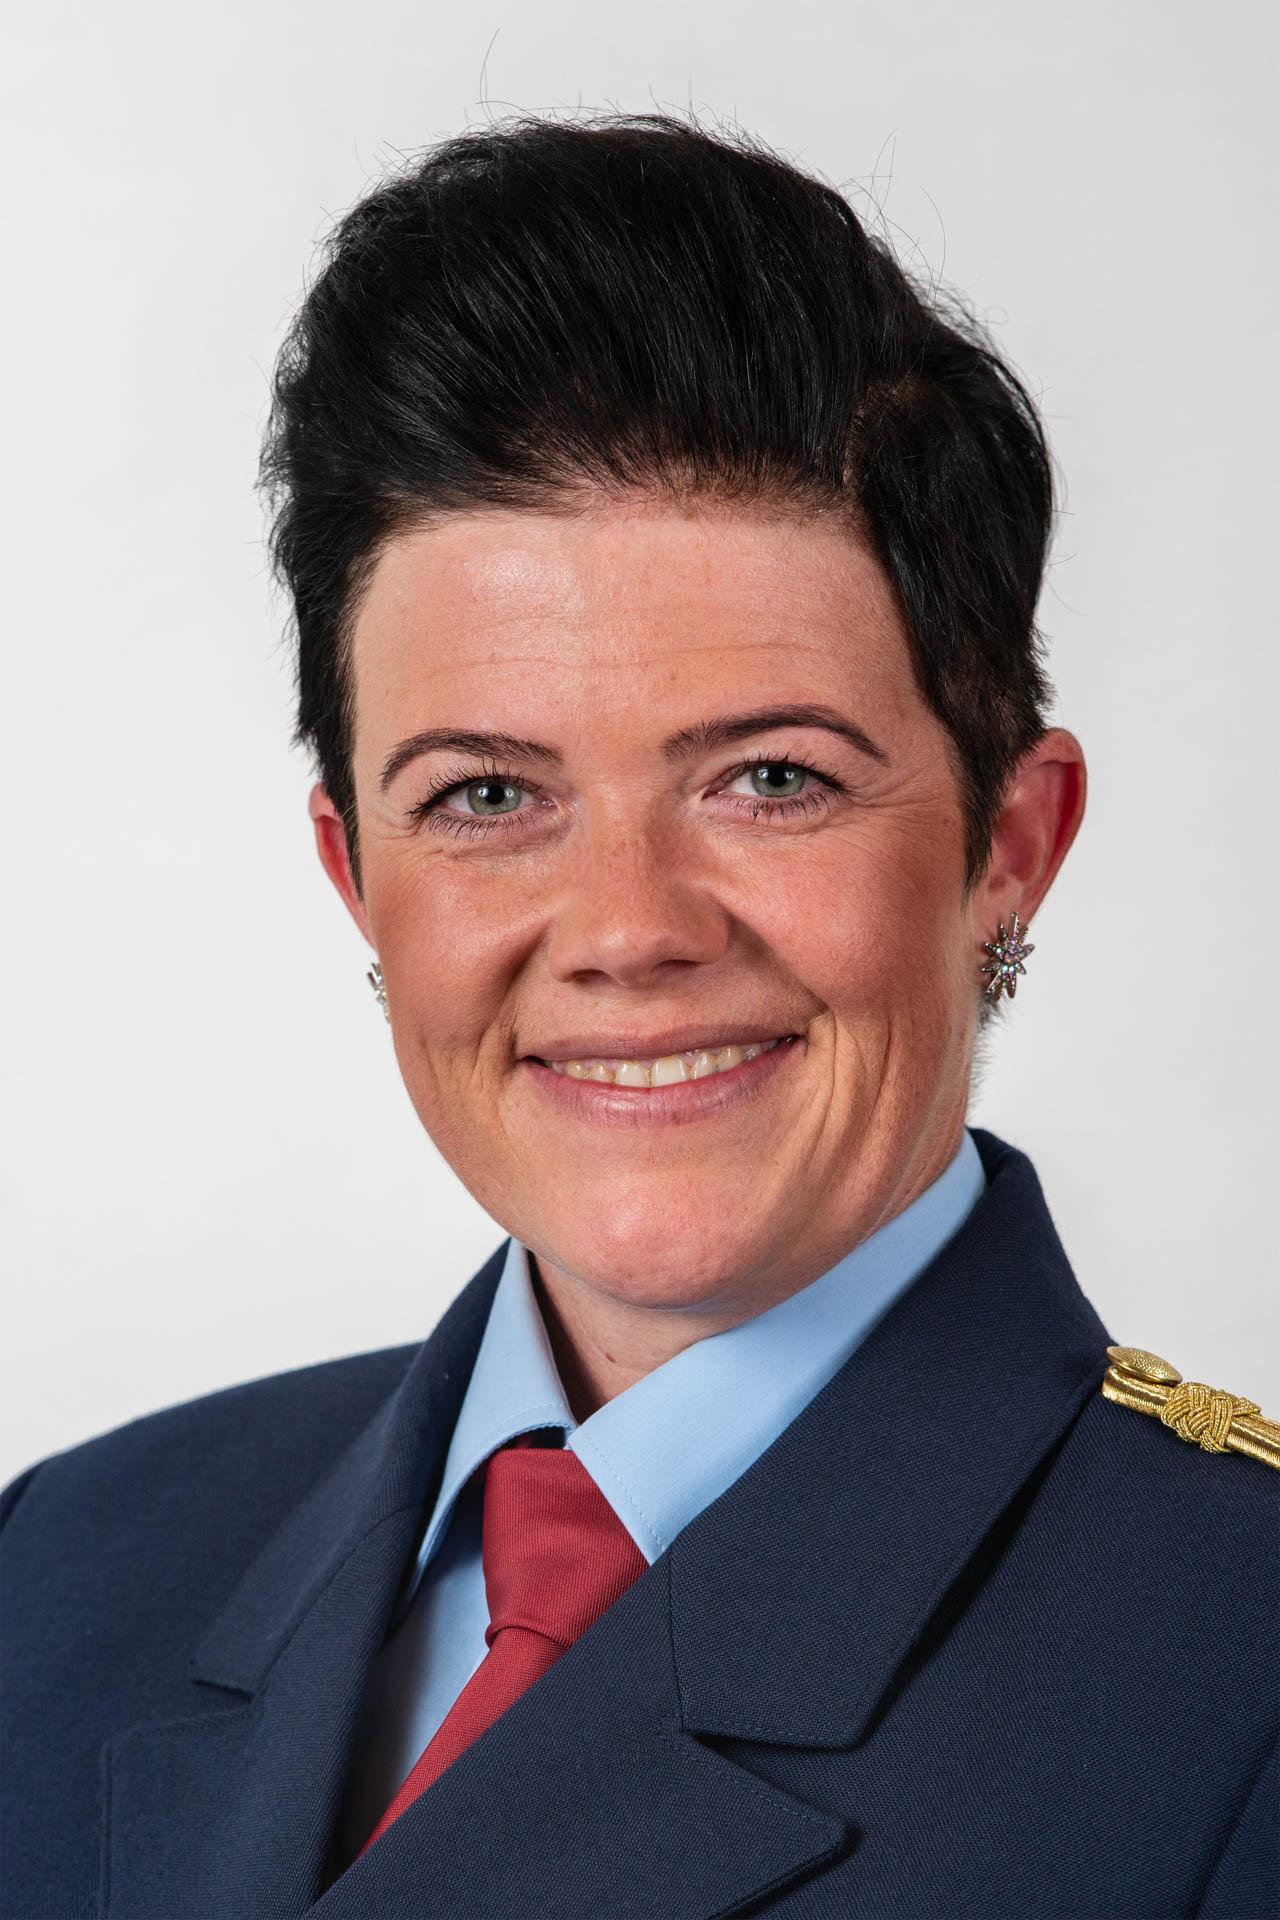 Astrid Färber-Fladerer